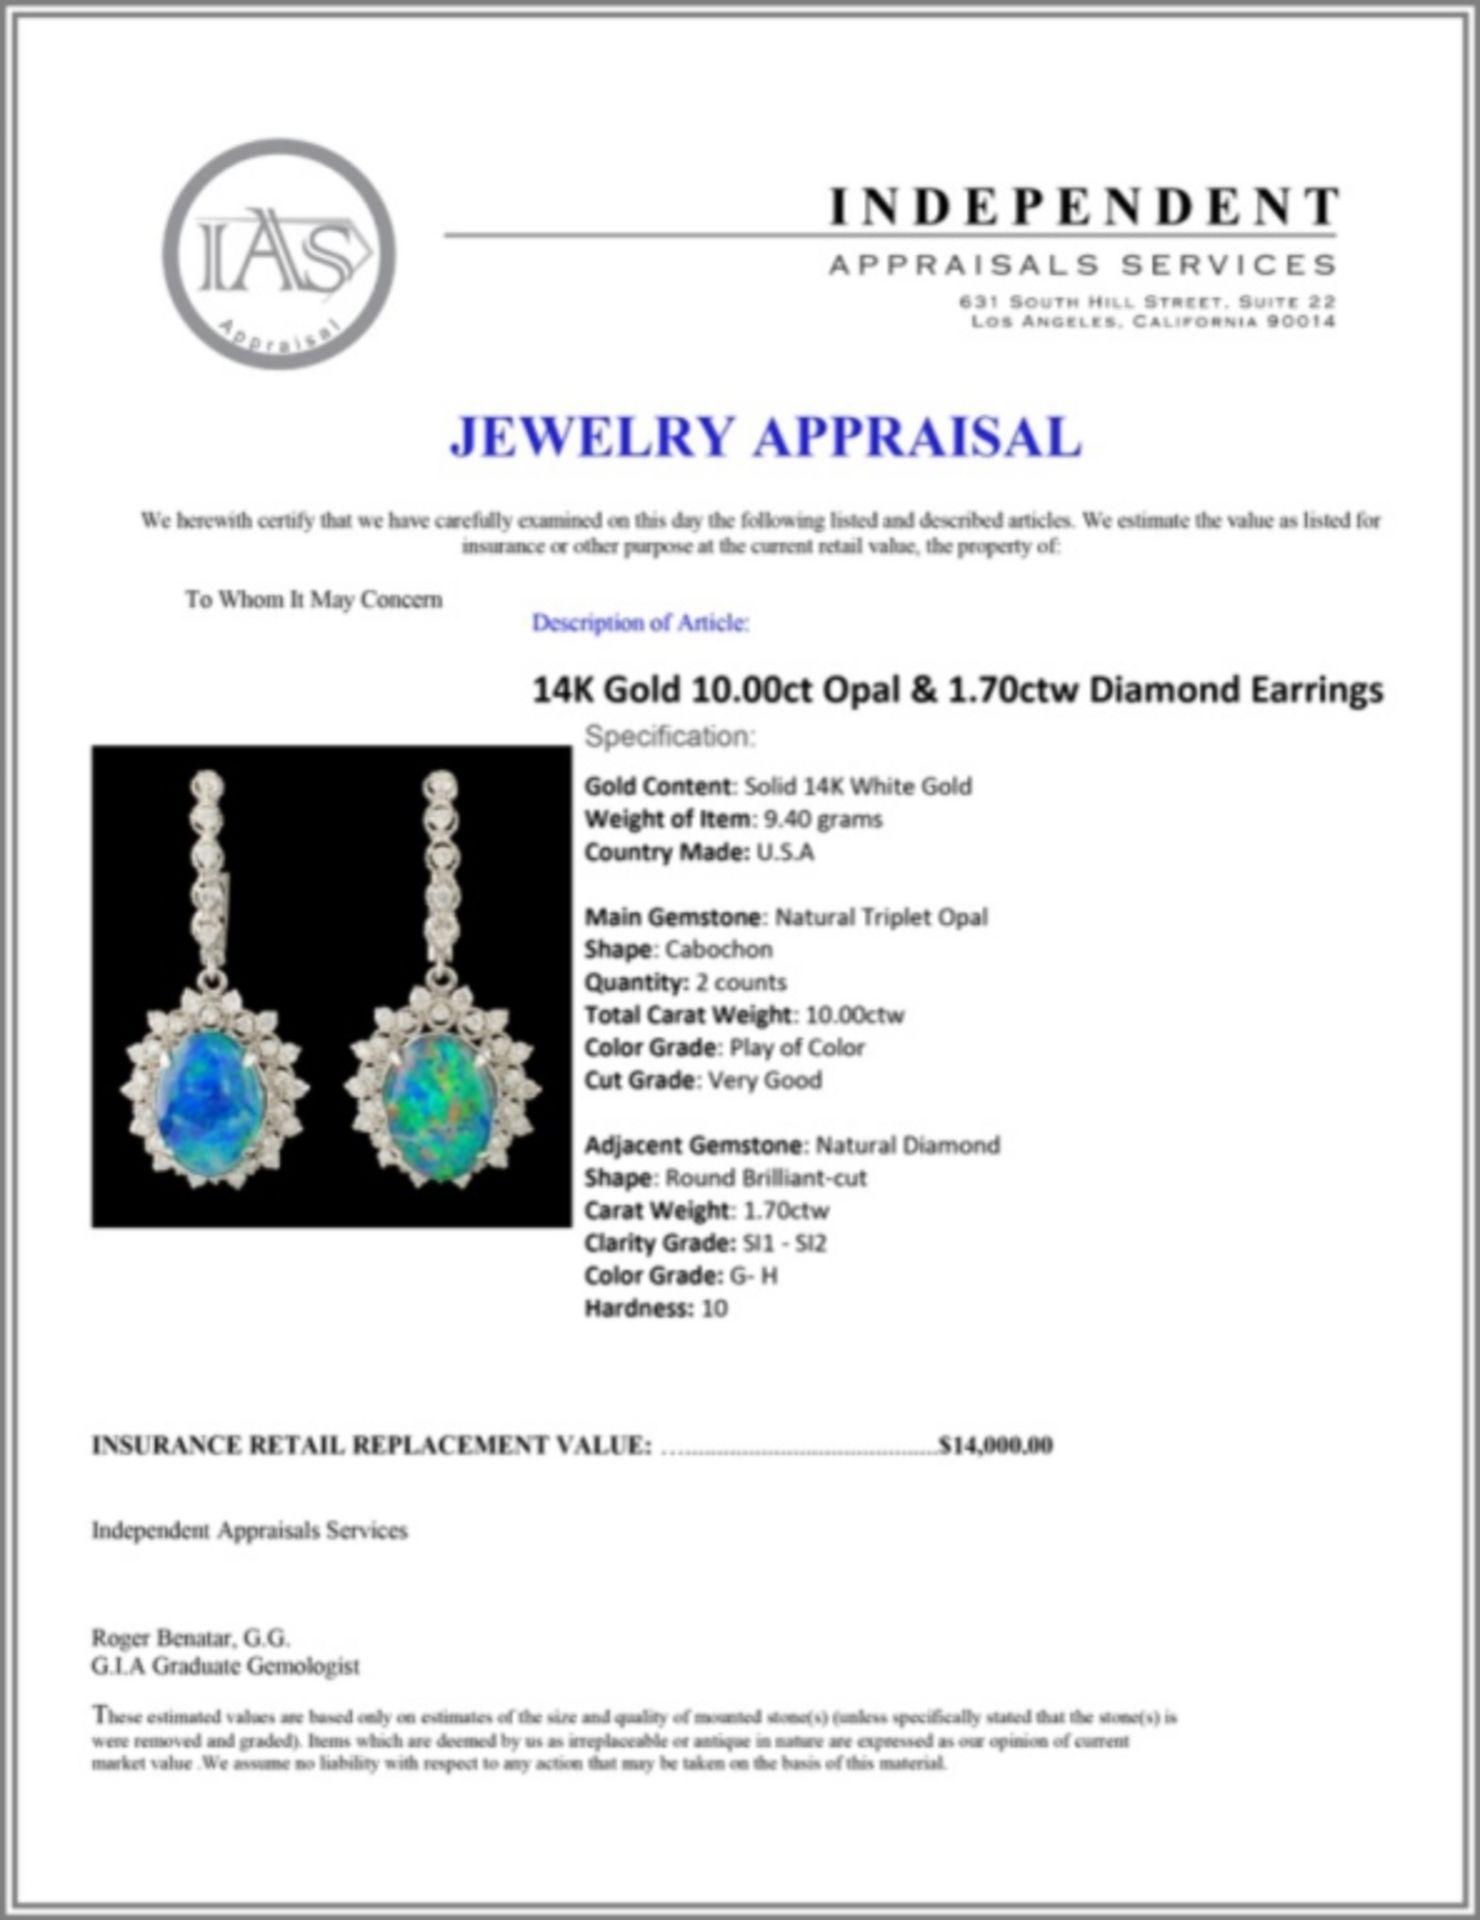 14K Gold 10.00ct Opal & 1.70ctw Diamond Earrings - Image 3 of 3